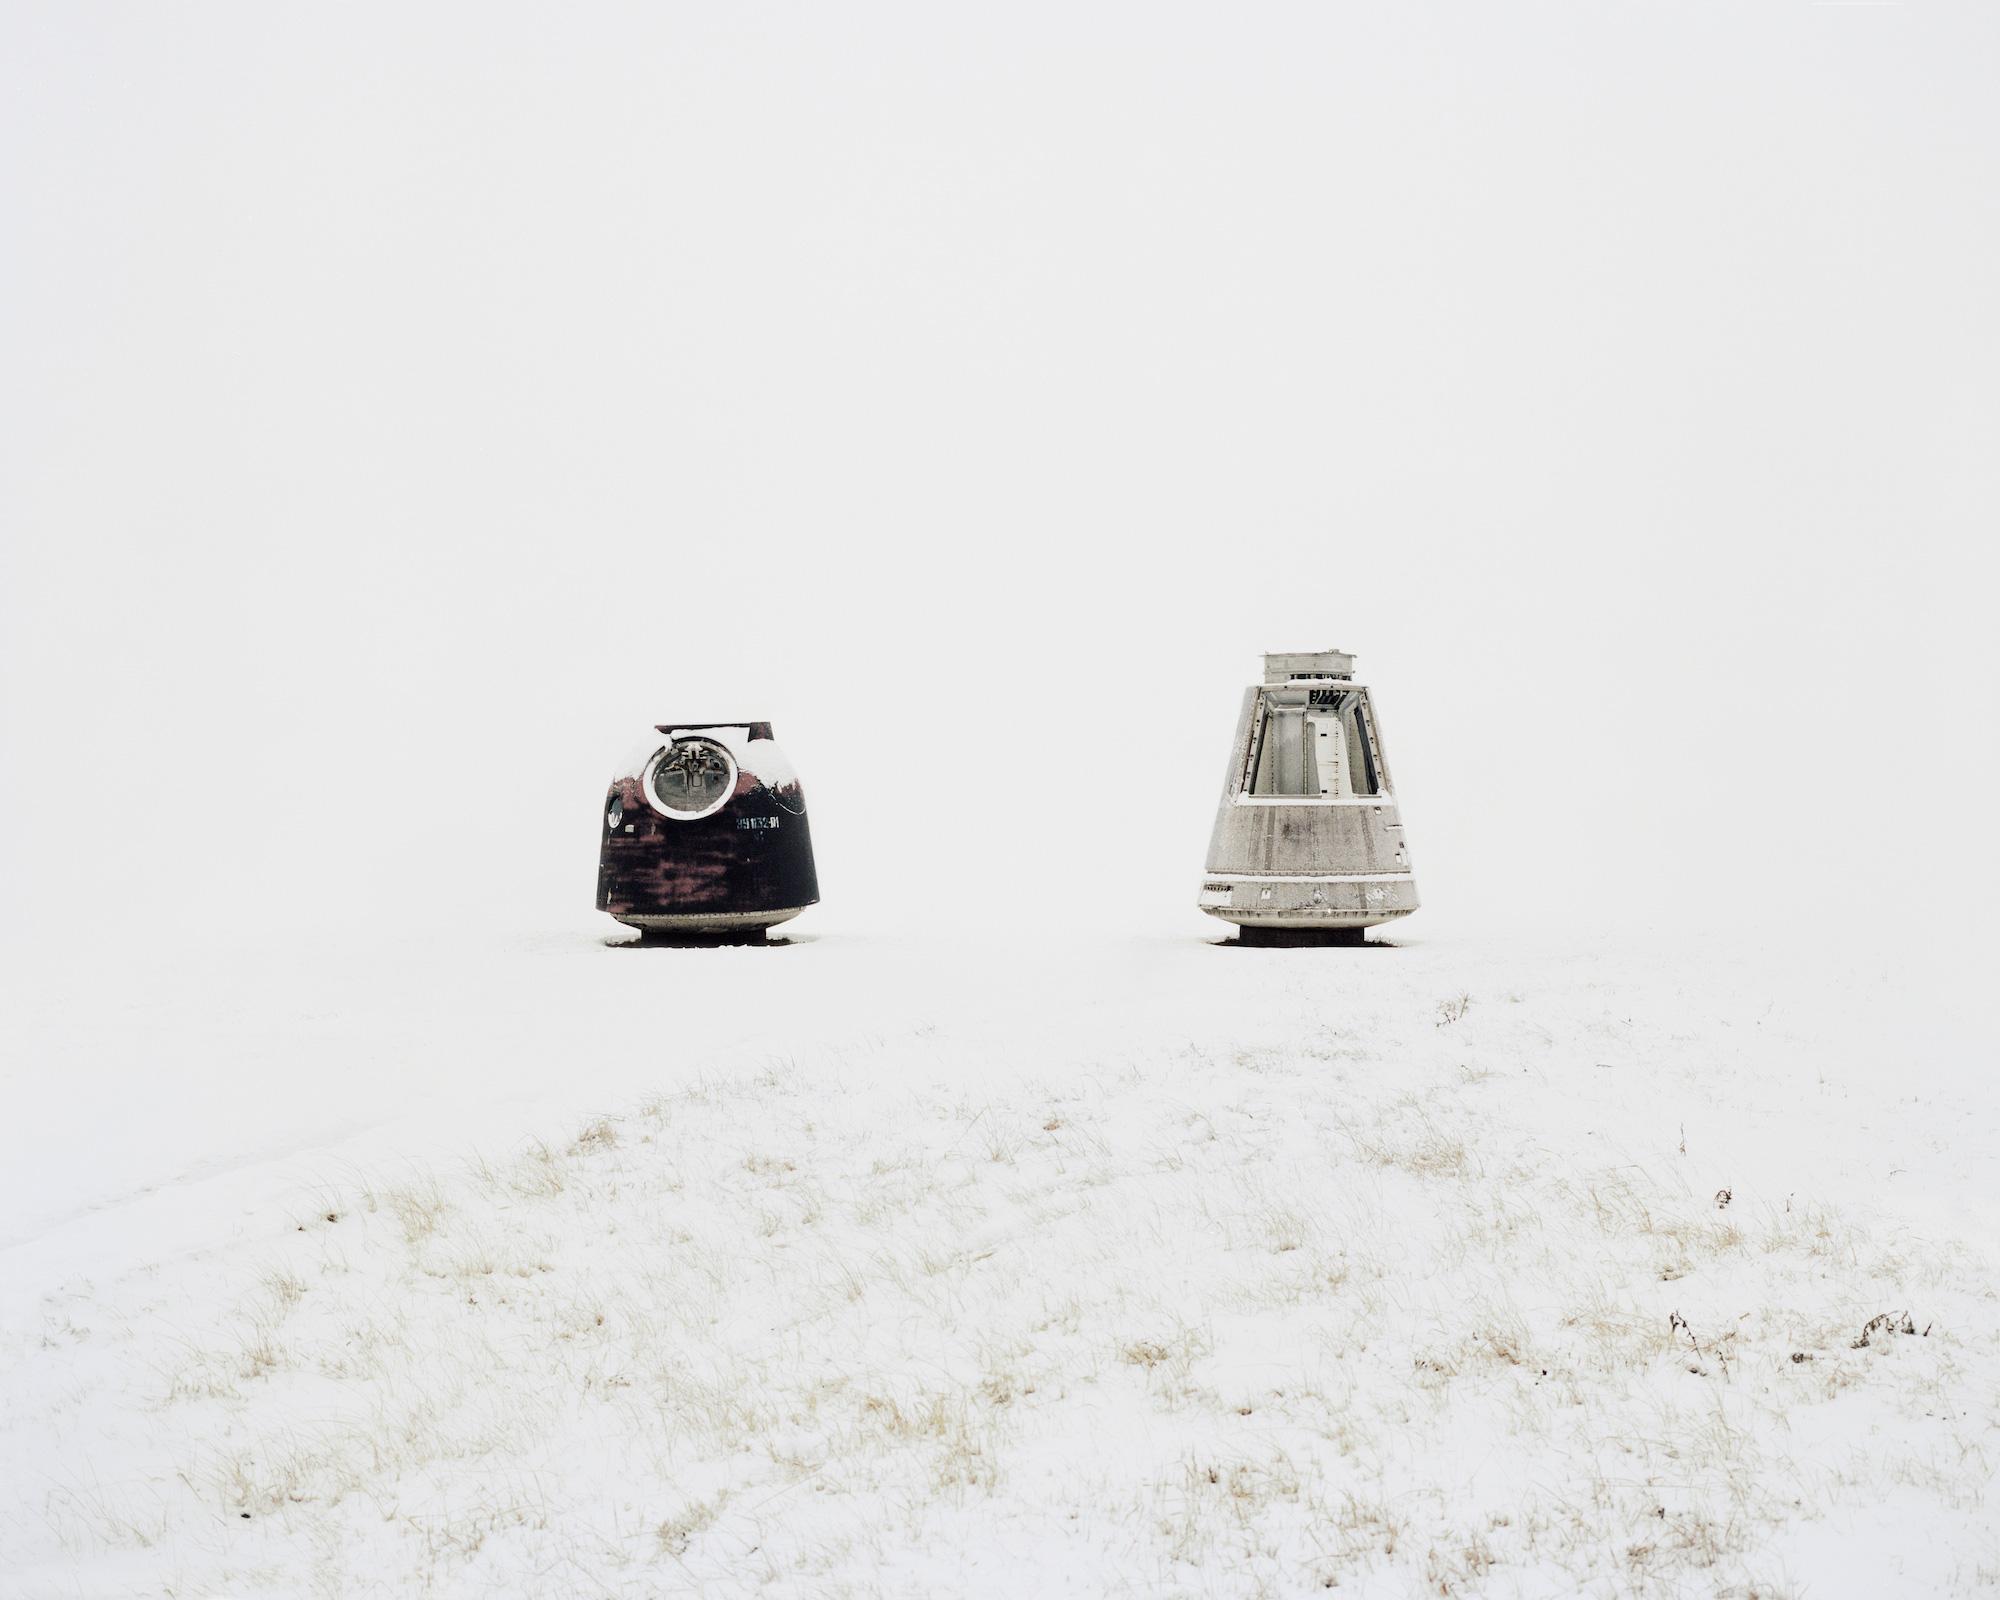 Landekapseln für Rückkehr der Astronauten und Forschungsausrüstung zur Erde –  Kasachstan, Gebiet Qysylorda, 2013